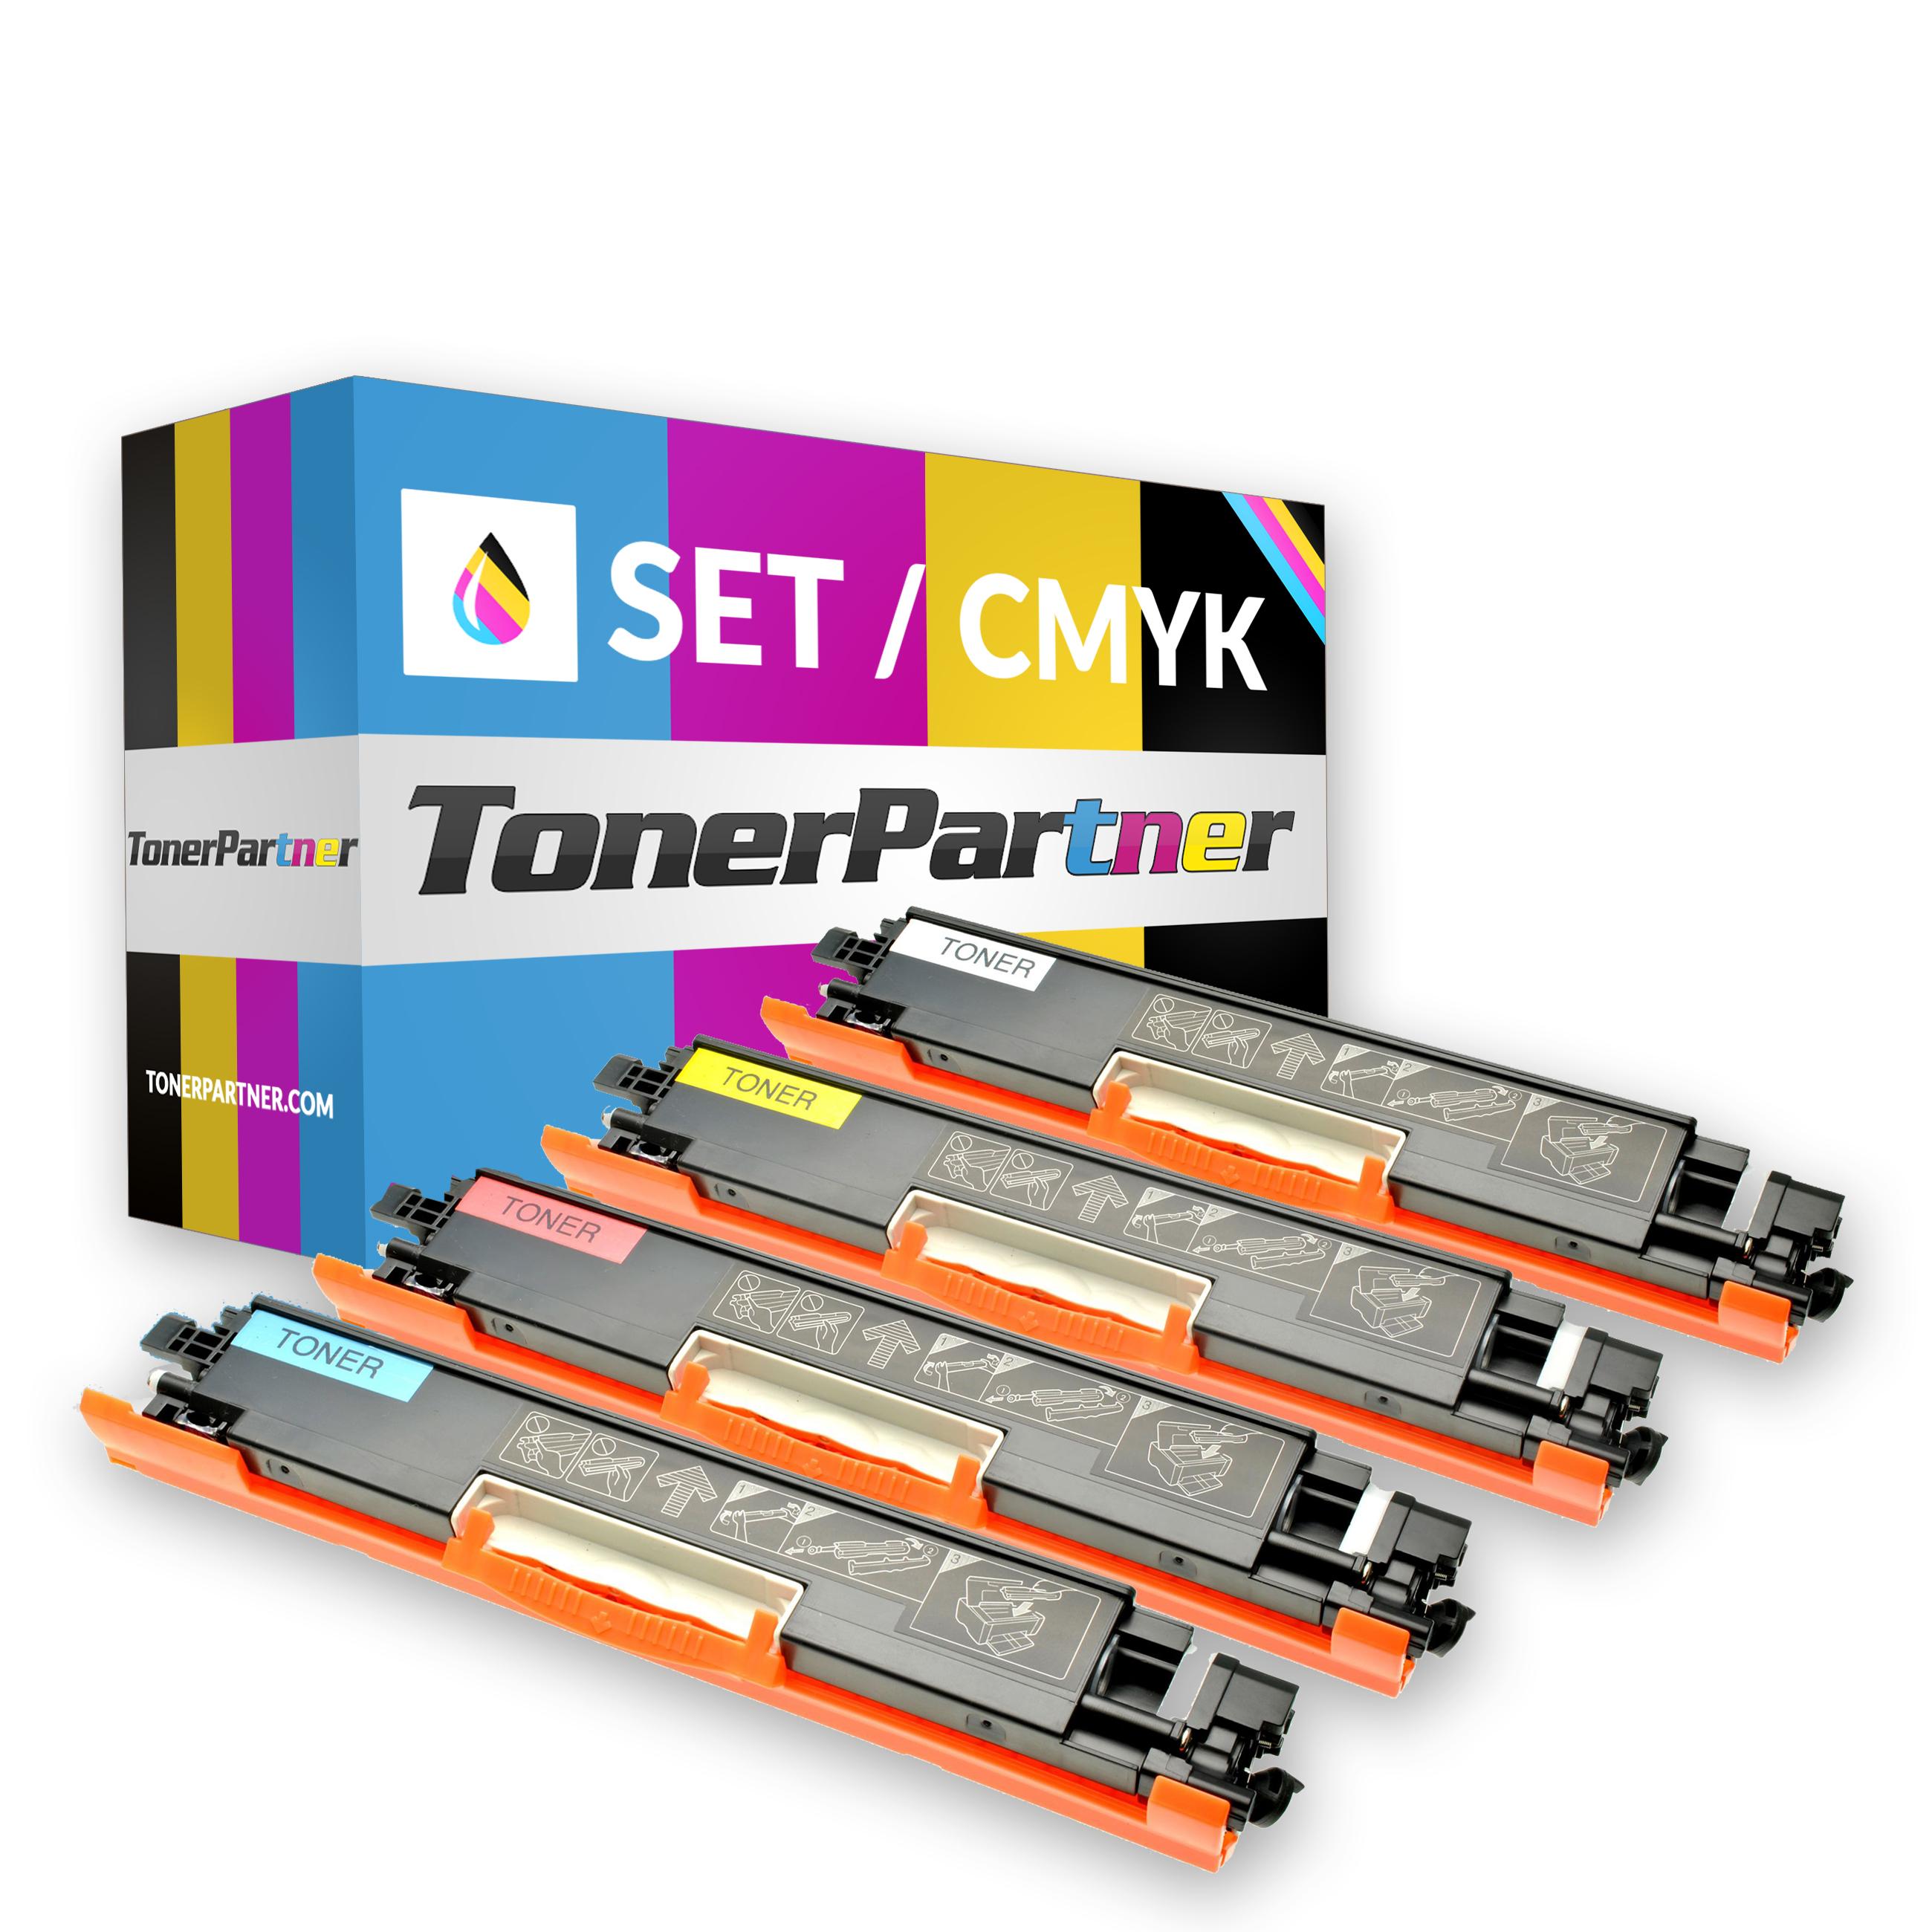 TonerPartenaire HP CE310A (1x 1.200 pages) - CE311A/CE312A/CE313A (3x 1.000 pages) Toner MultiPack